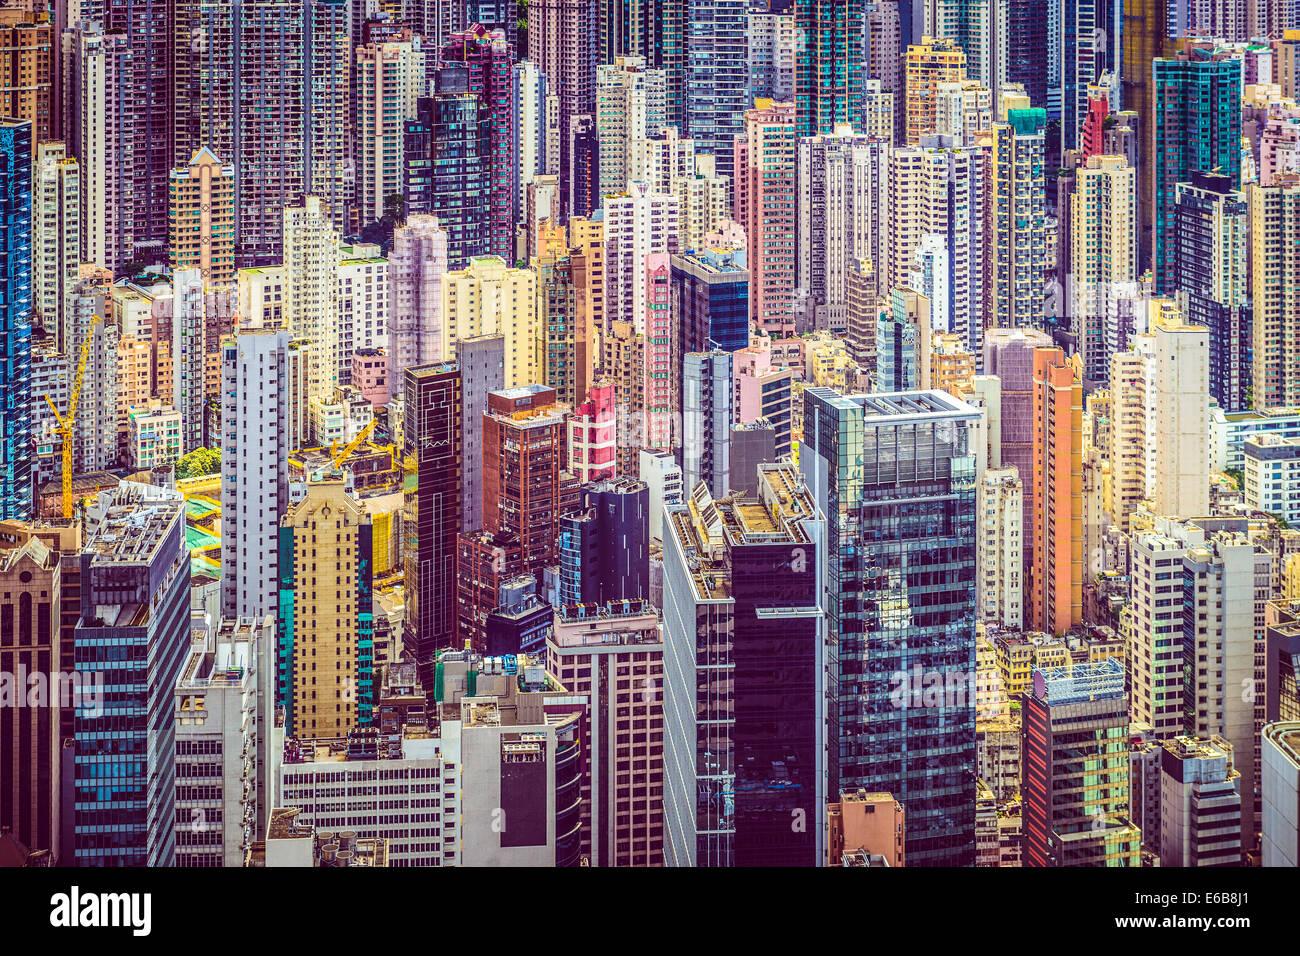 Hong Kong, China financial buildings cityscape. - Stock Image